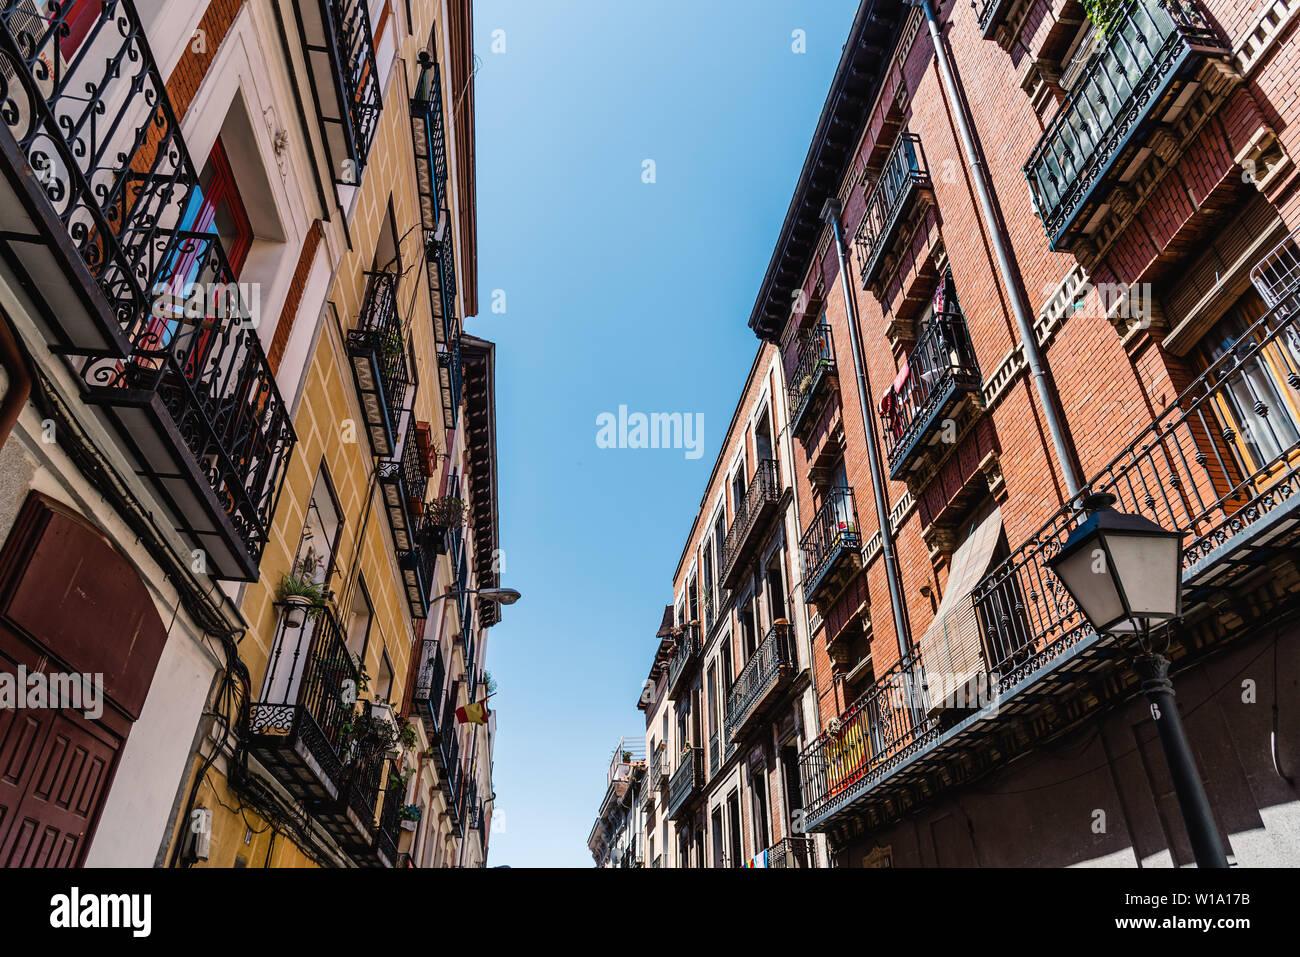 Paisaje Urbano del barrio de Malasaña en Madrid. Malasaña es uno de los barrios más de moda en la ciudad Foto de stock